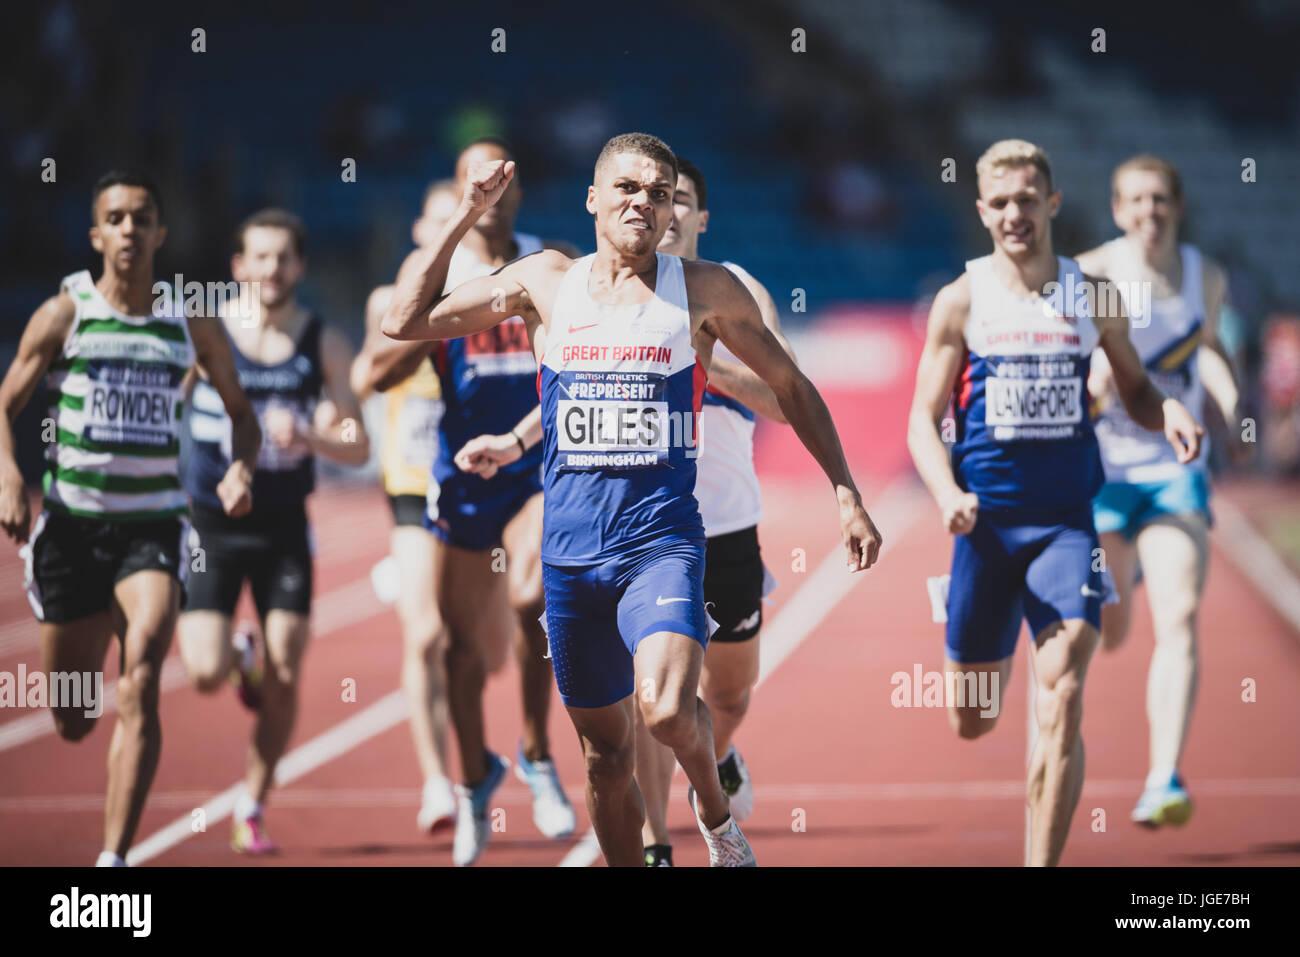 Elliot Giles vince il 1500m presso il British Athletics Championships e mondo Prove a Birmingham, Regno Unito su Immagini Stock